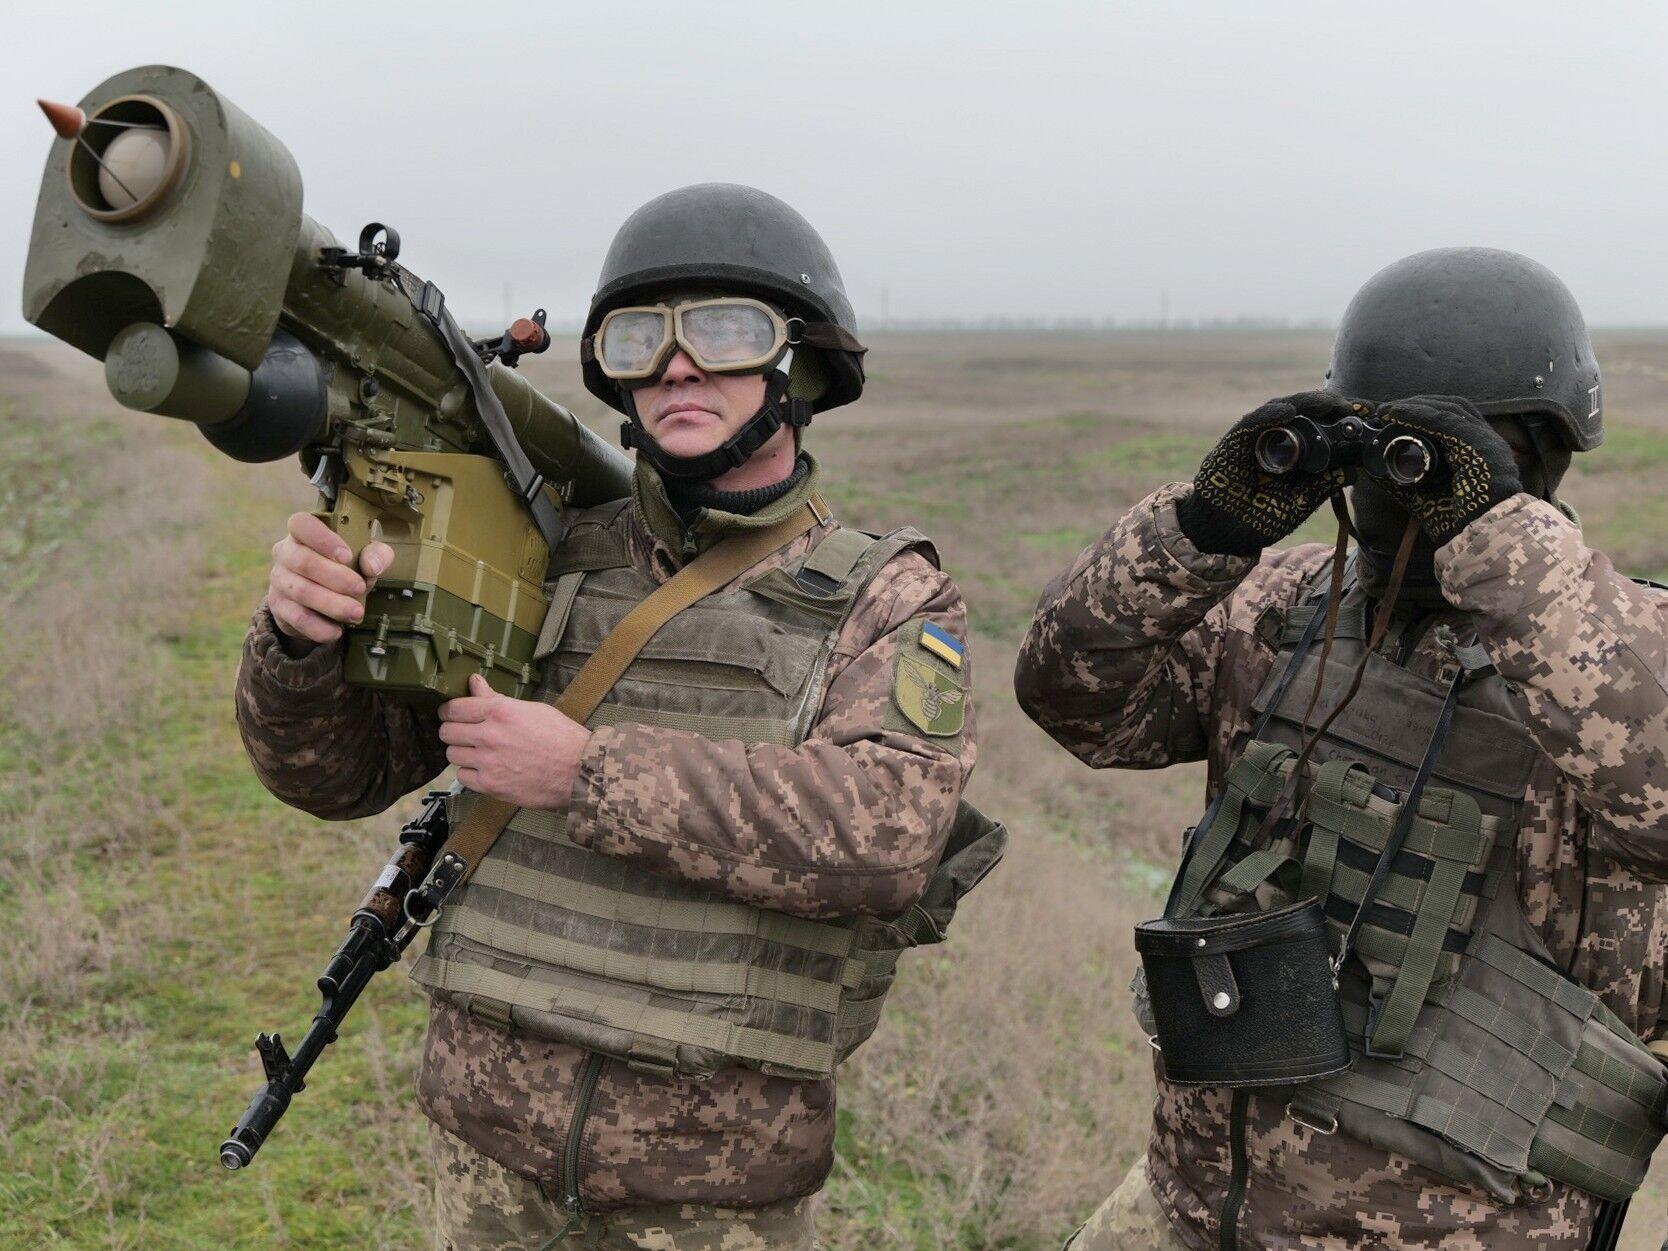 Воїни ЗСУ в наближених до бойових умовах тренувалися збивати повітряні цілі ворога